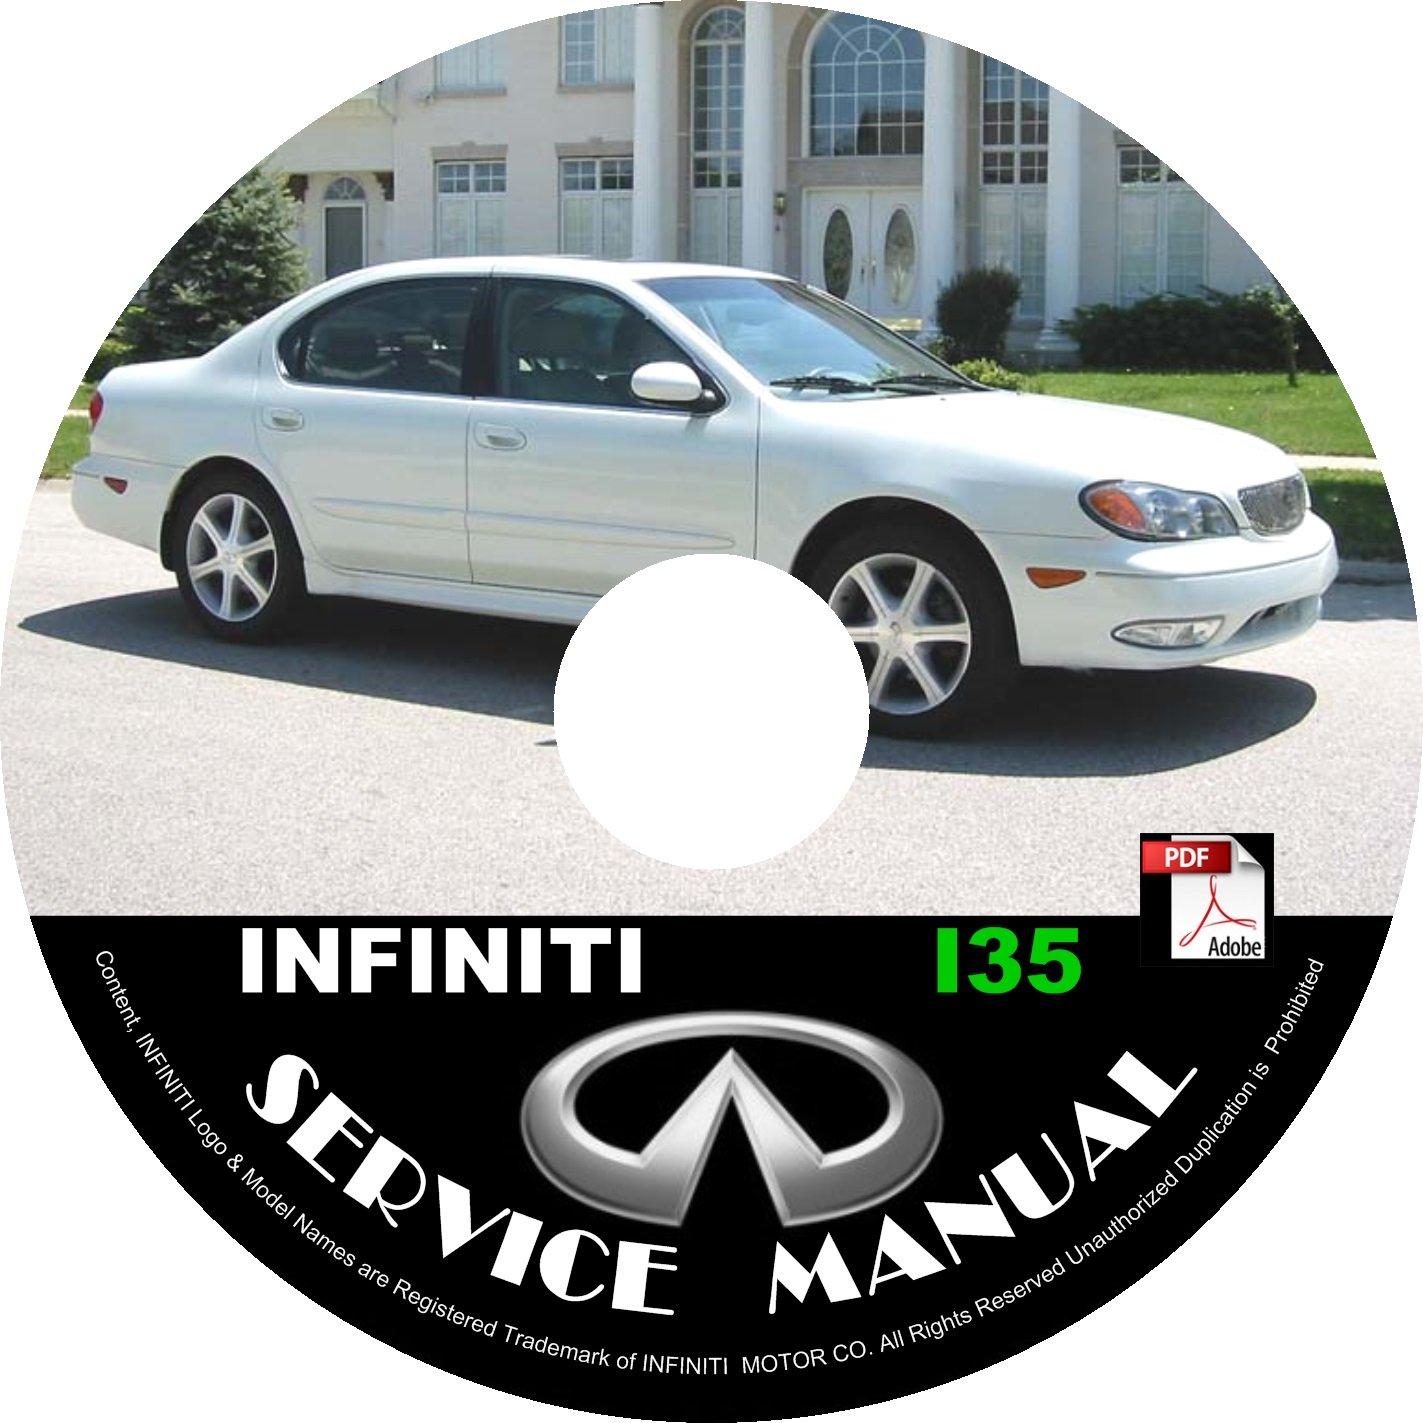 2002 Infiniti I35 Factory OEM Service Repair Shop Manual on CD Fix Repair Rebuild '02 Workshop Guide